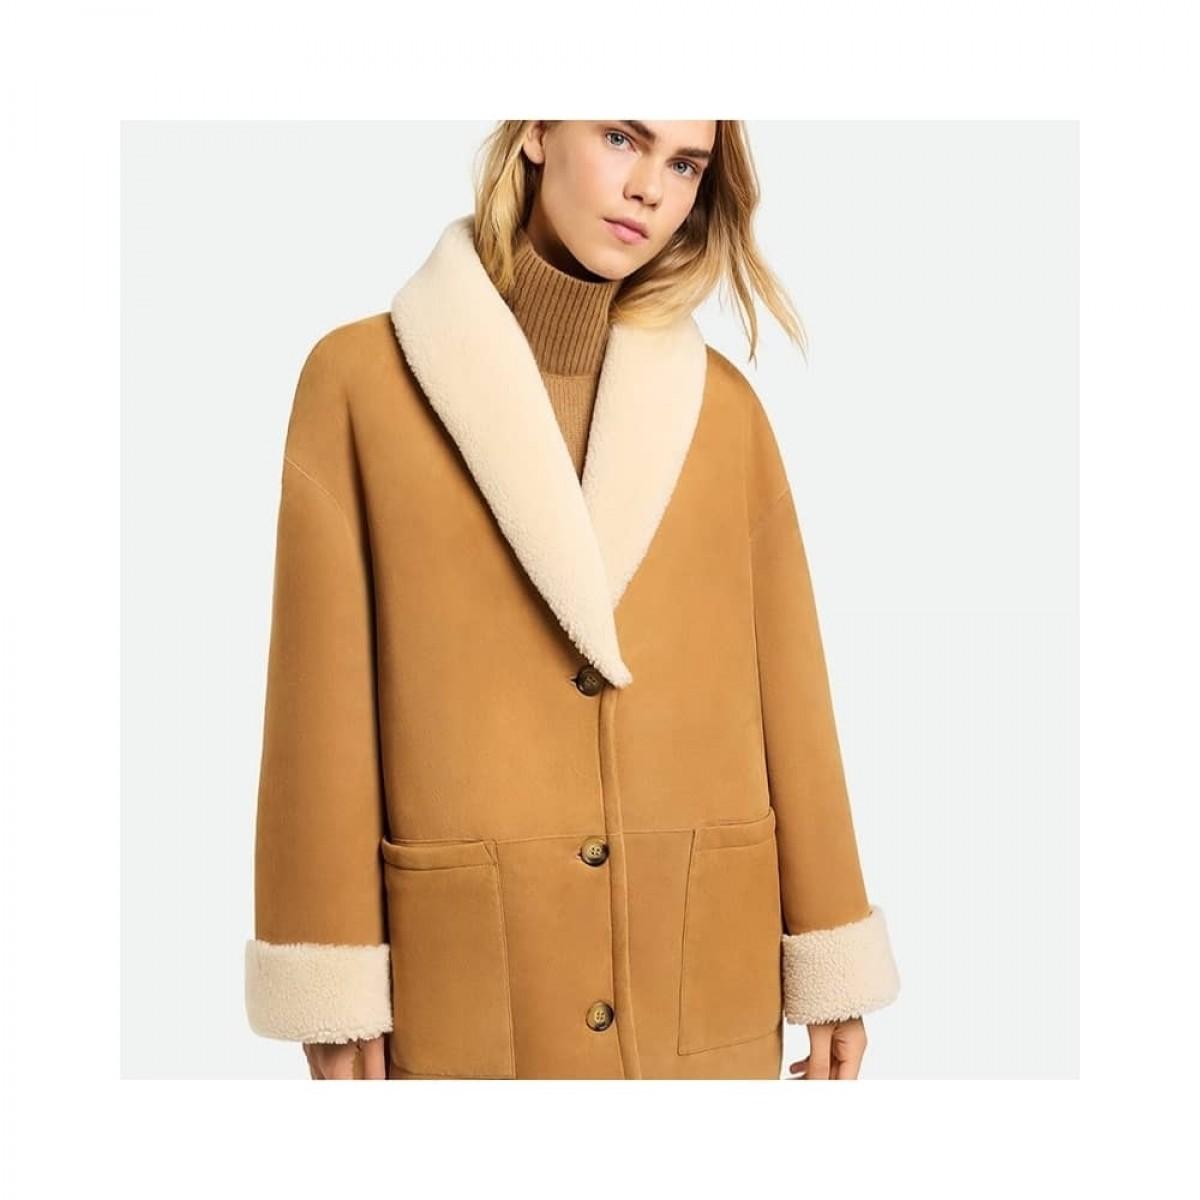 sambo jacket rulam - marron - model